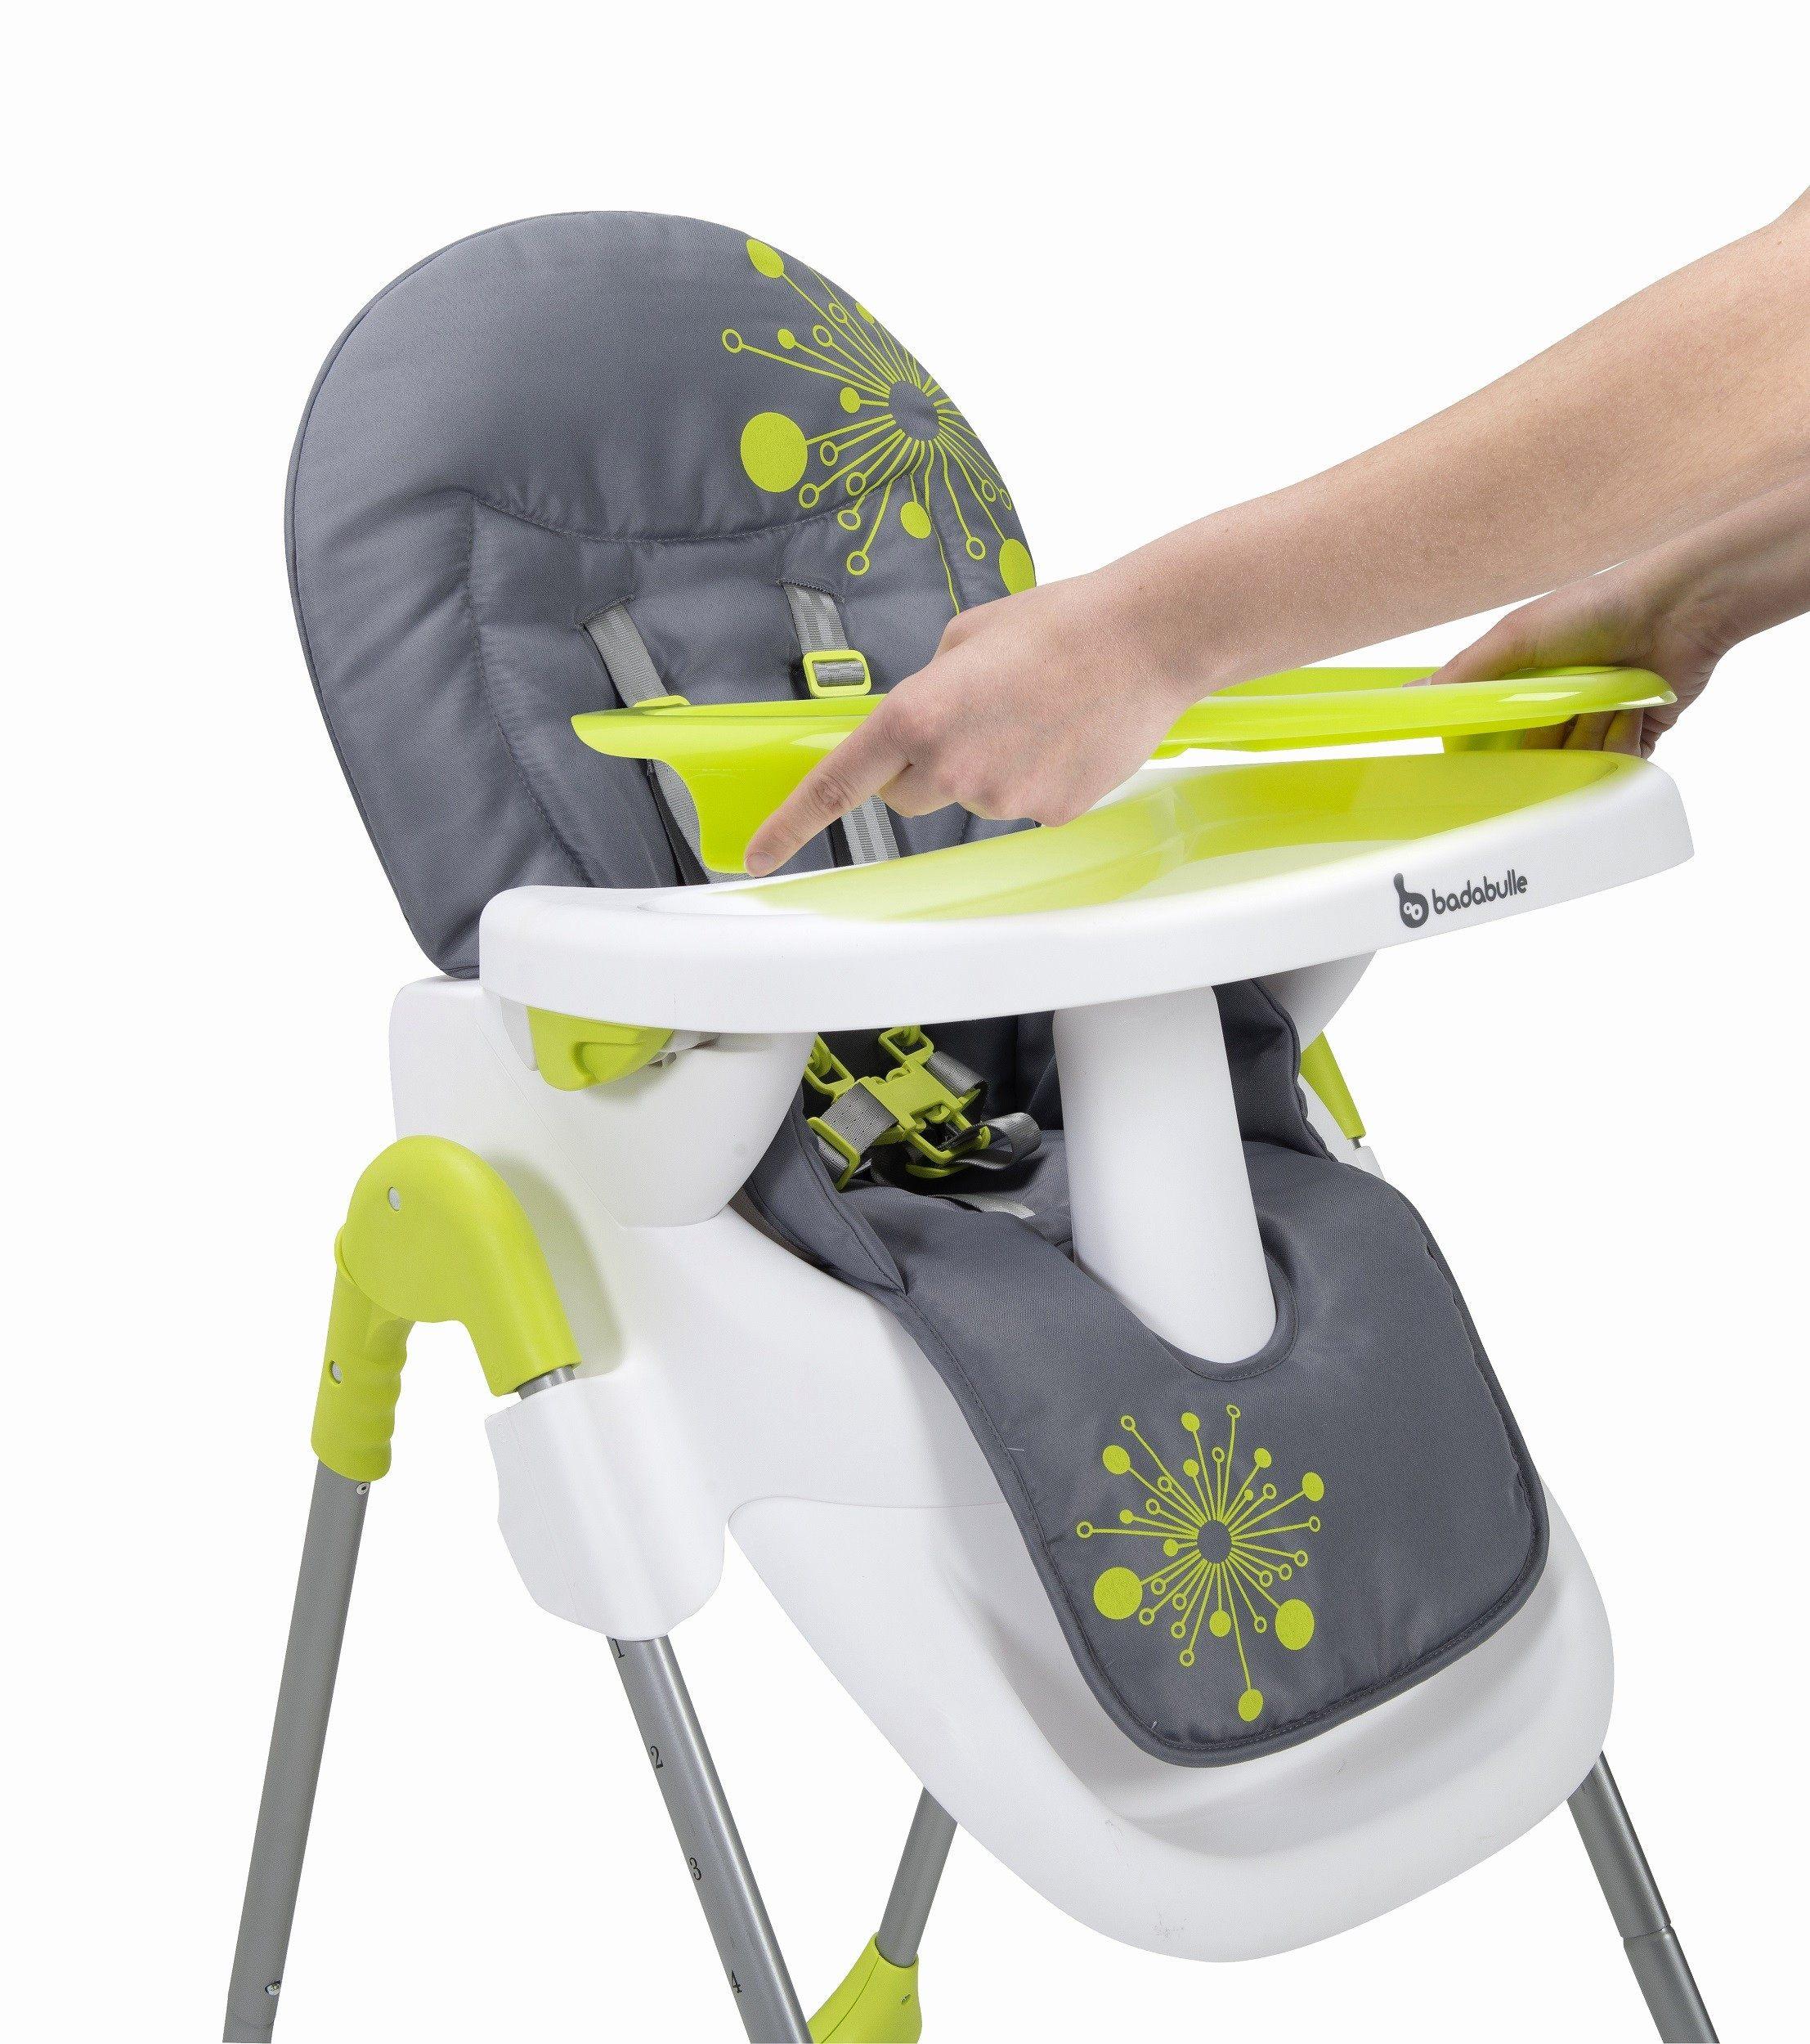 Baignoire Bébé Babymoov Baignoire Pour Bebe Frais Parc B C3 A9b C3